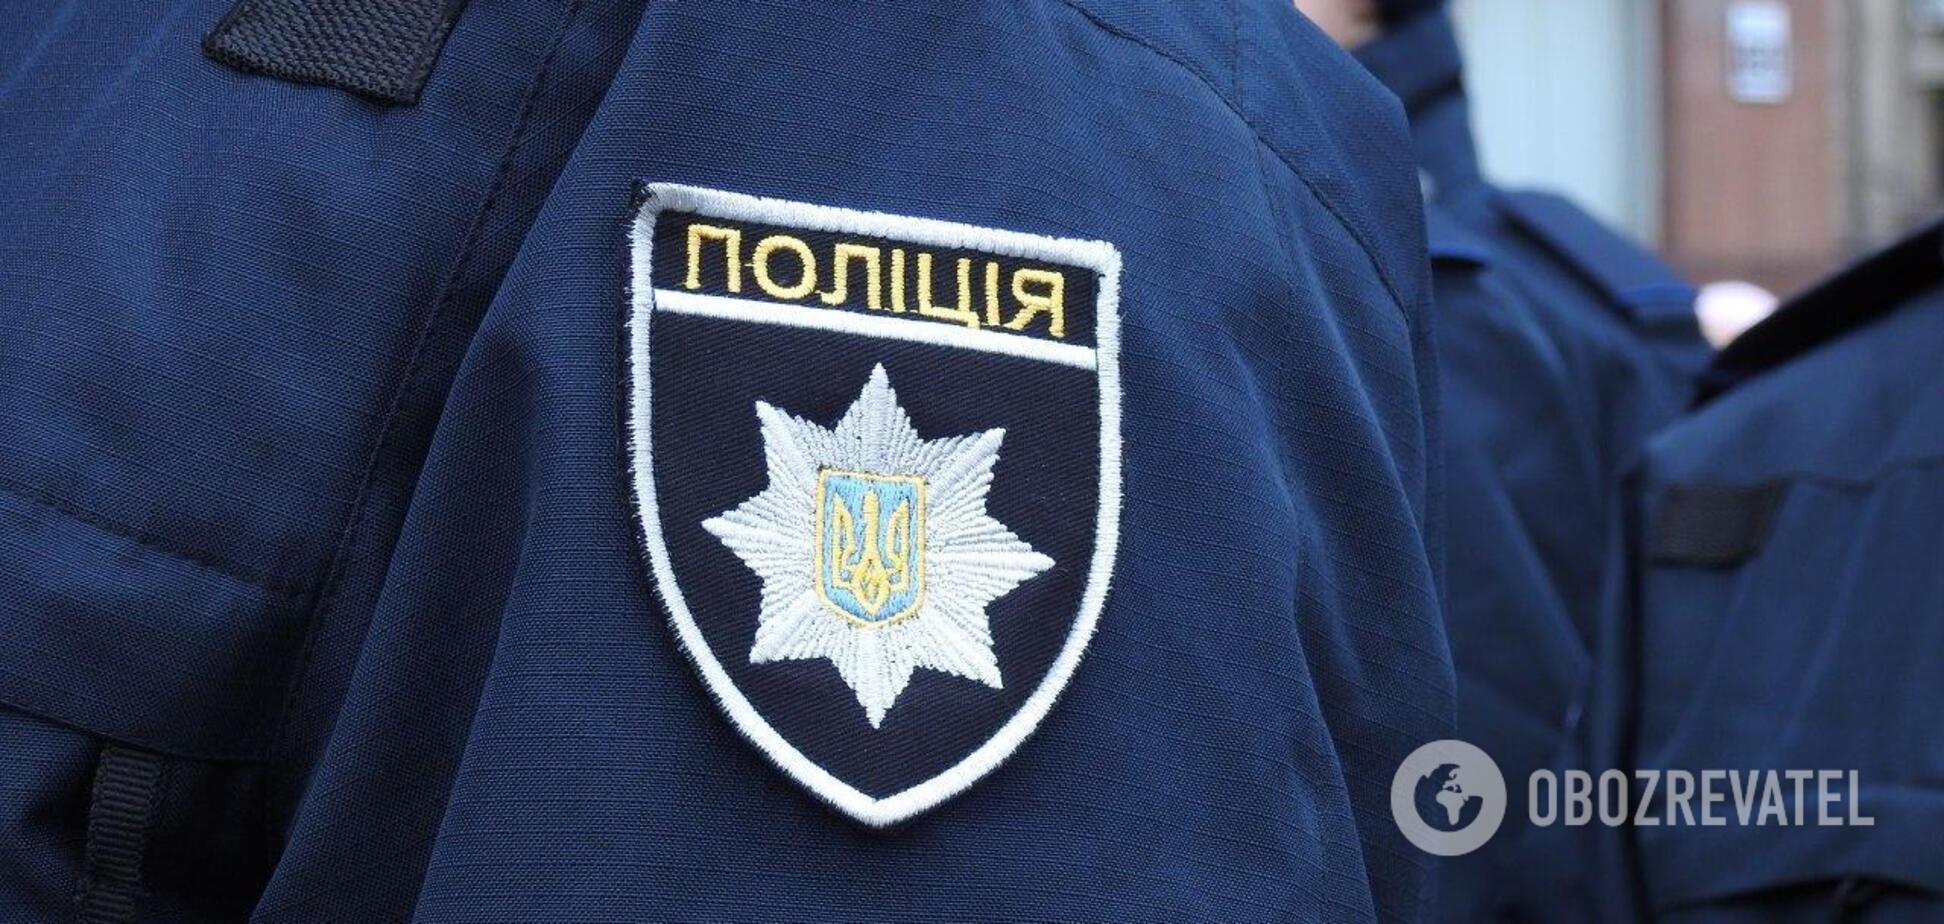 Киевлянину избрали меру пресечения в виде содержания под стражей